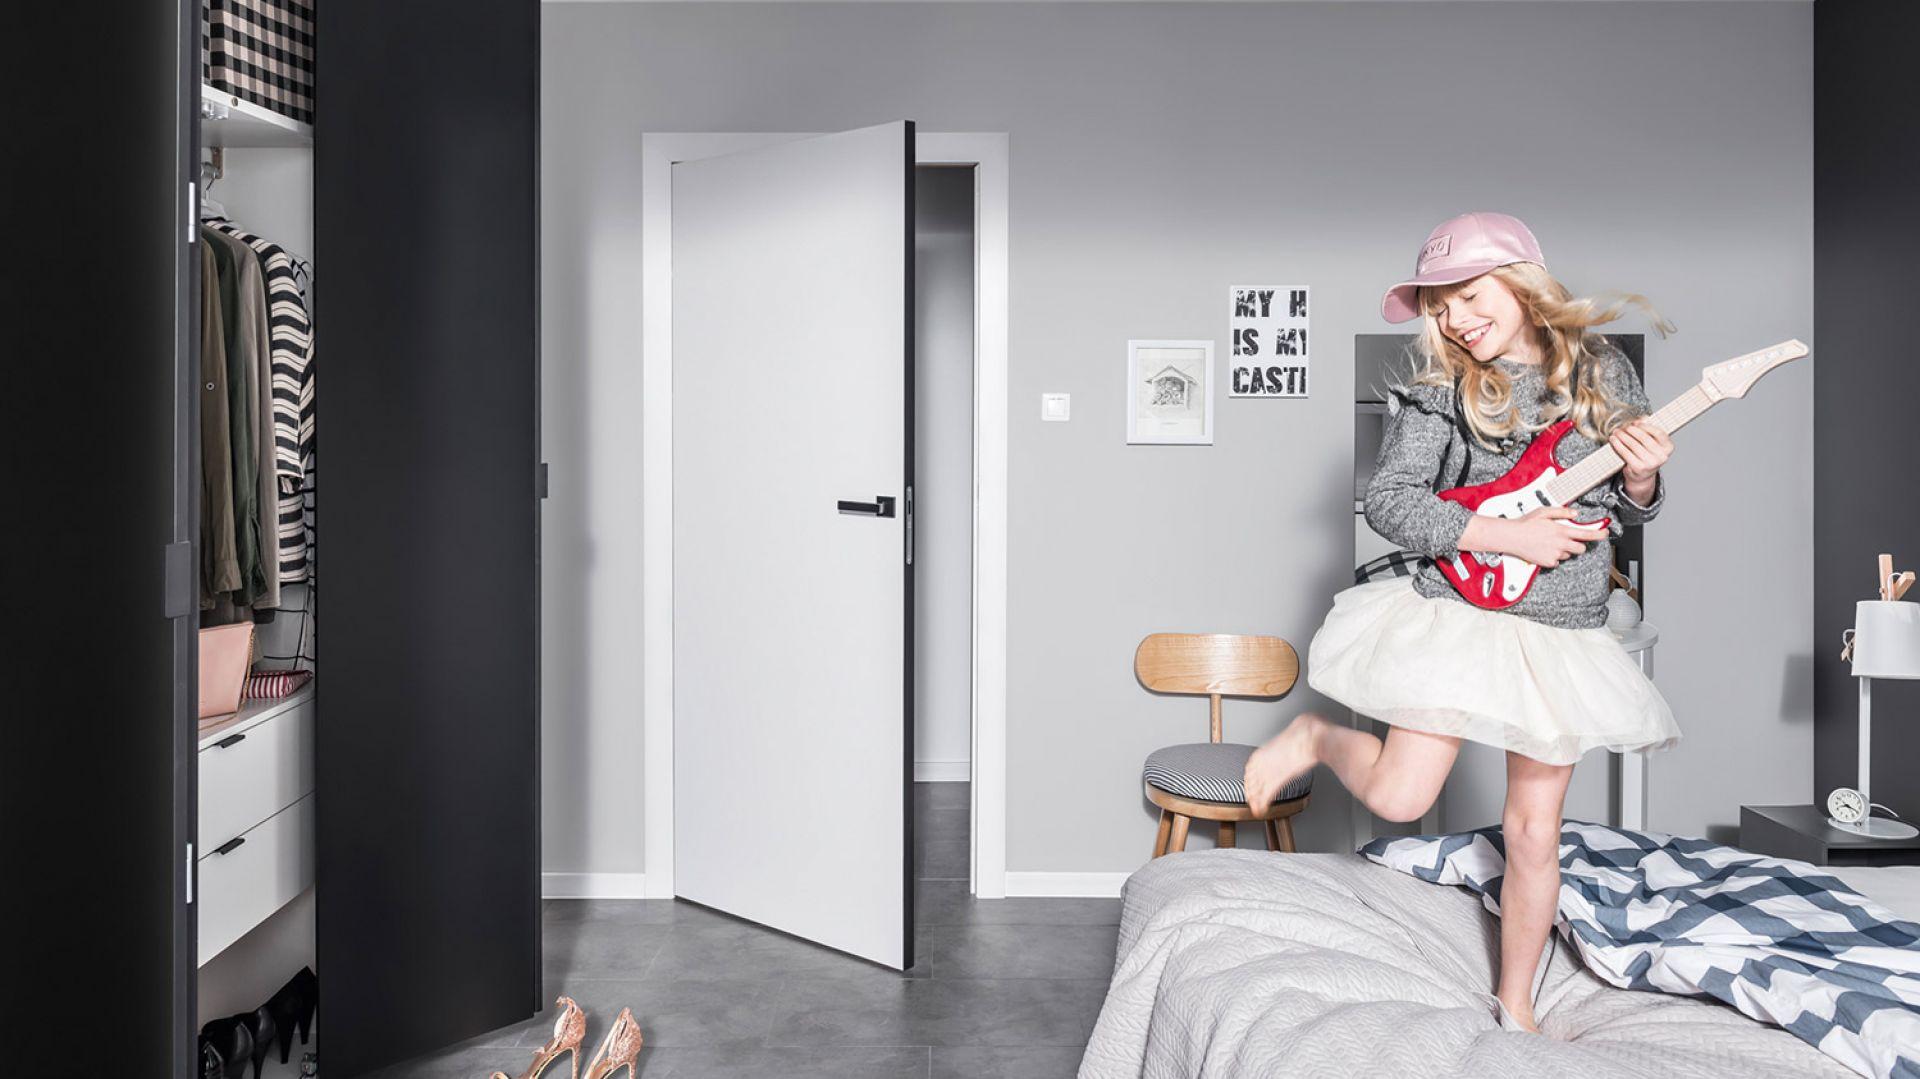 Krawędź prostych, białych drzwi Modus, która zazwyczaj jest ukryta, wykończona została materiałem przypominającym naturalną sklejkę lub okleiną w pięknym antracytowym kolorze. Cena: od ok. 400 zł. Fot. Vox